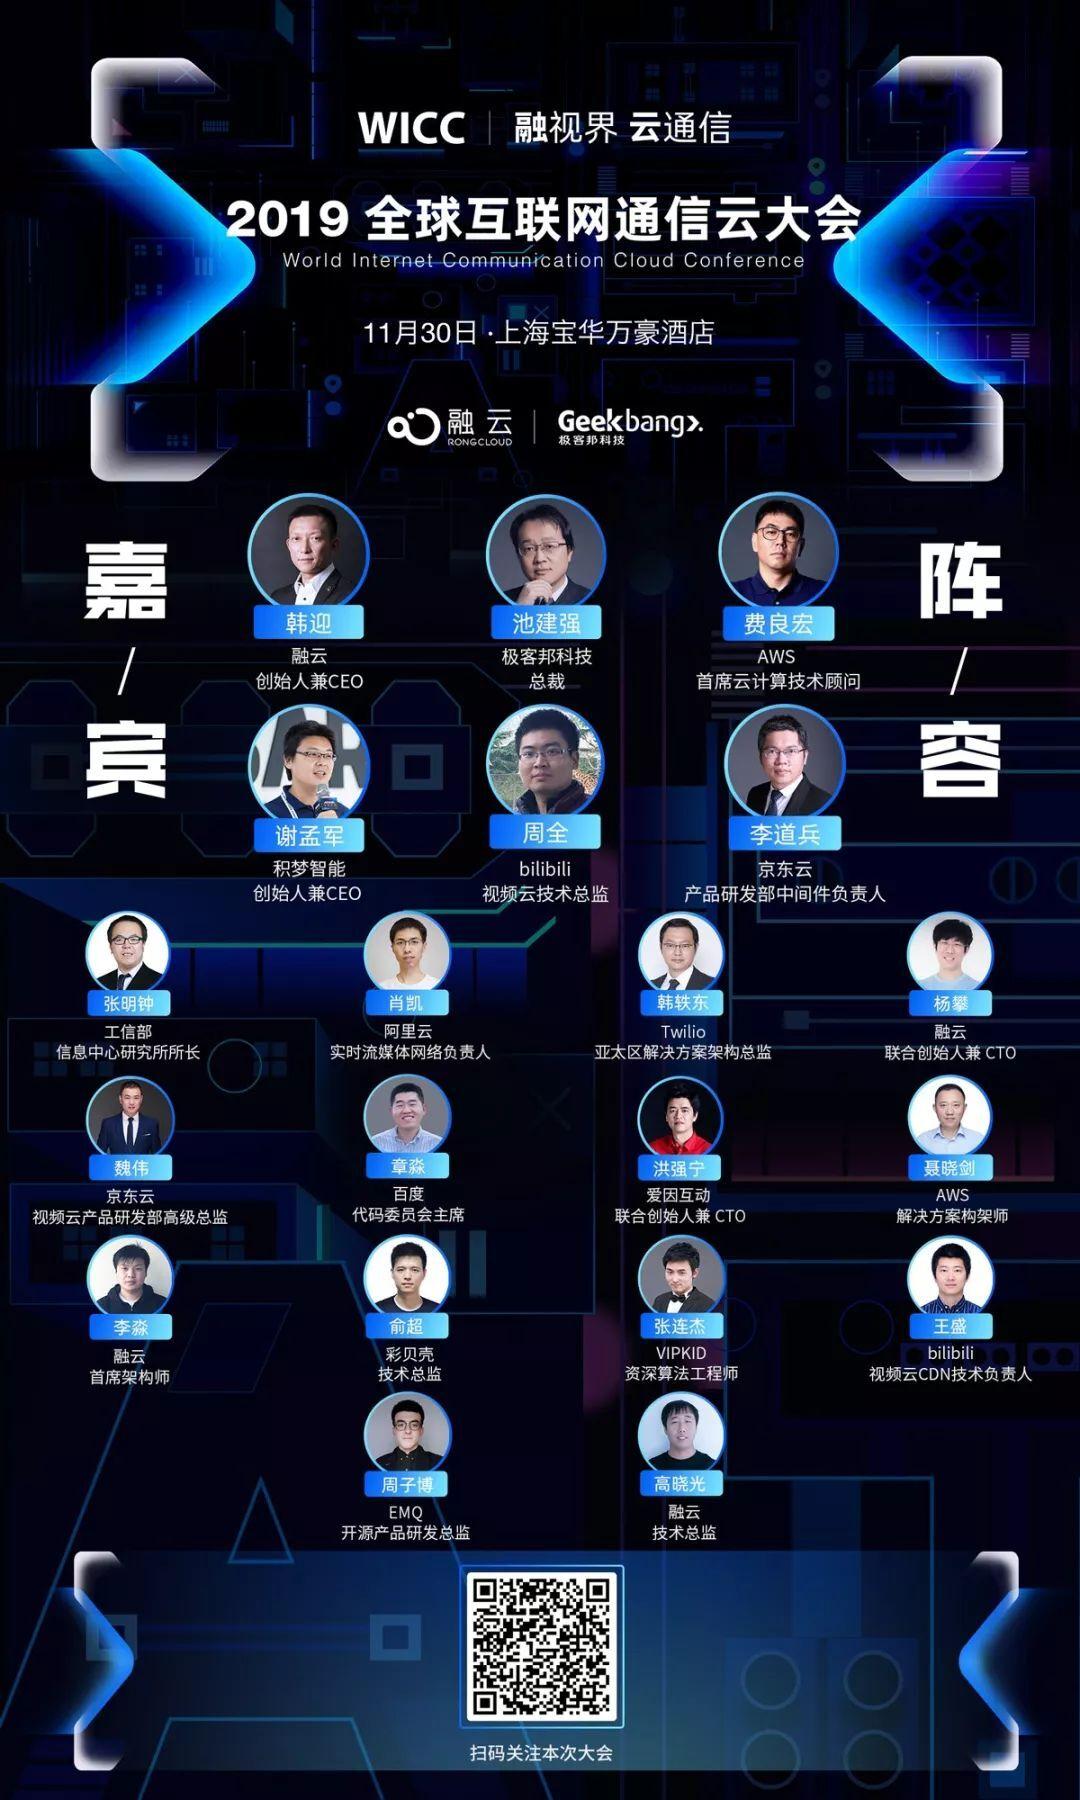 中国IM企业的新机会?揭秘融云全球通信云网络背后的技术 | 对话WICC